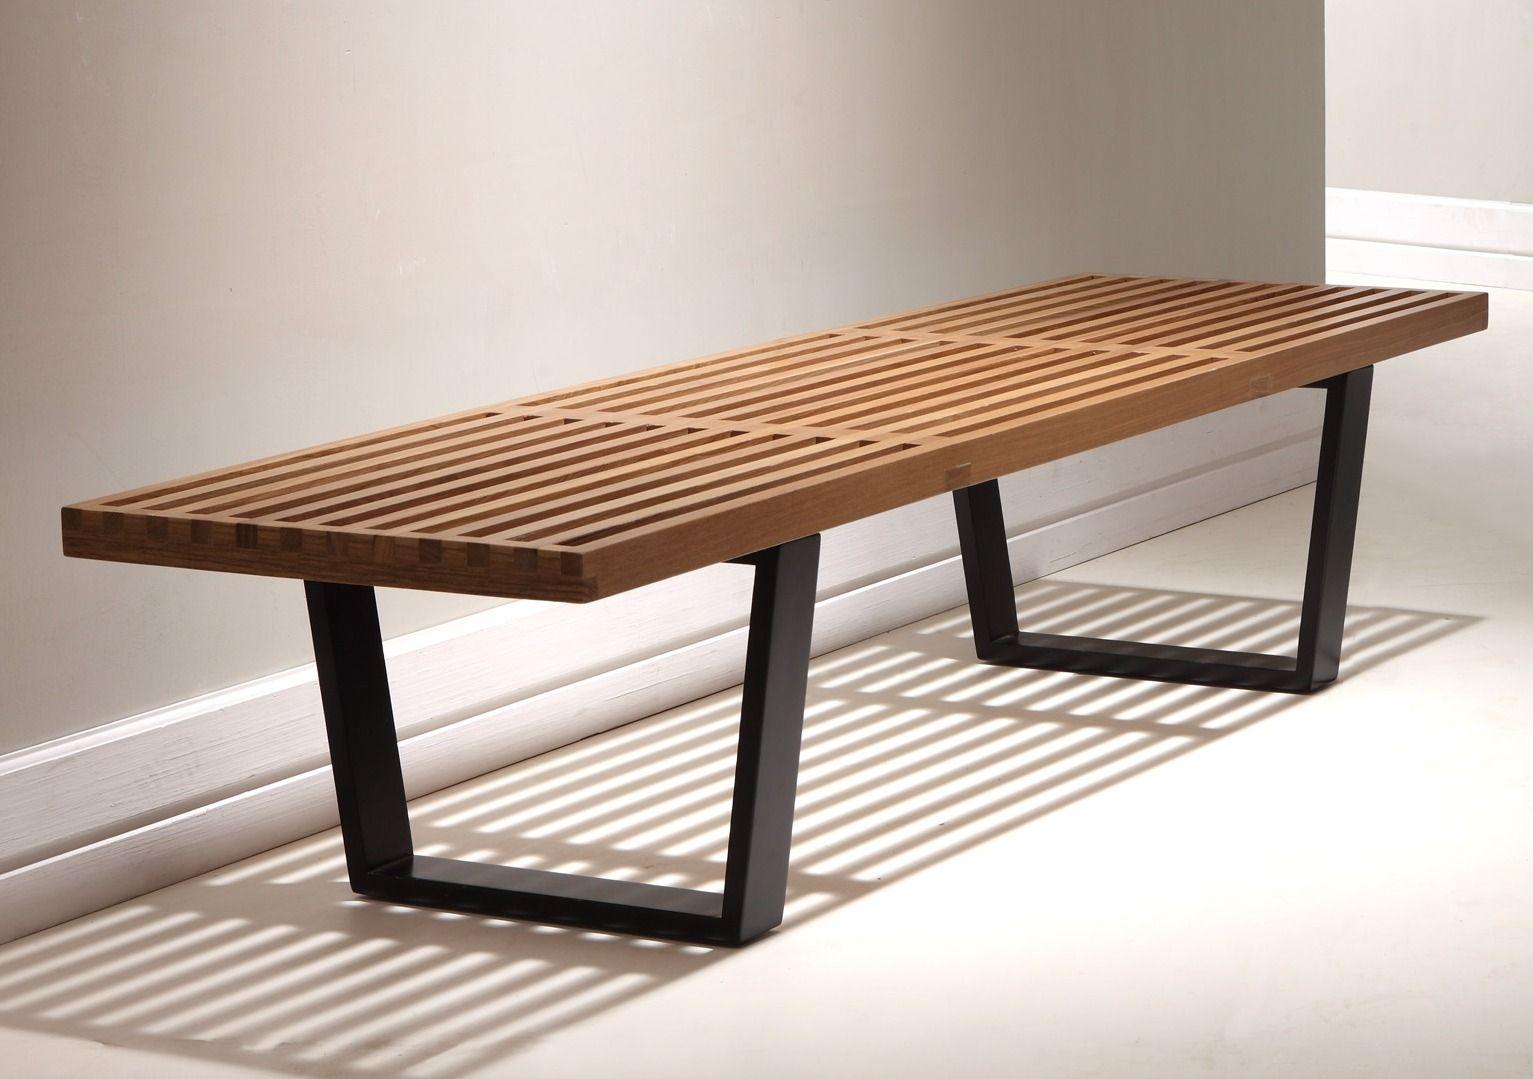 Furniture > Bedroom Furniture > Bench > Bedroom Chrome Bench